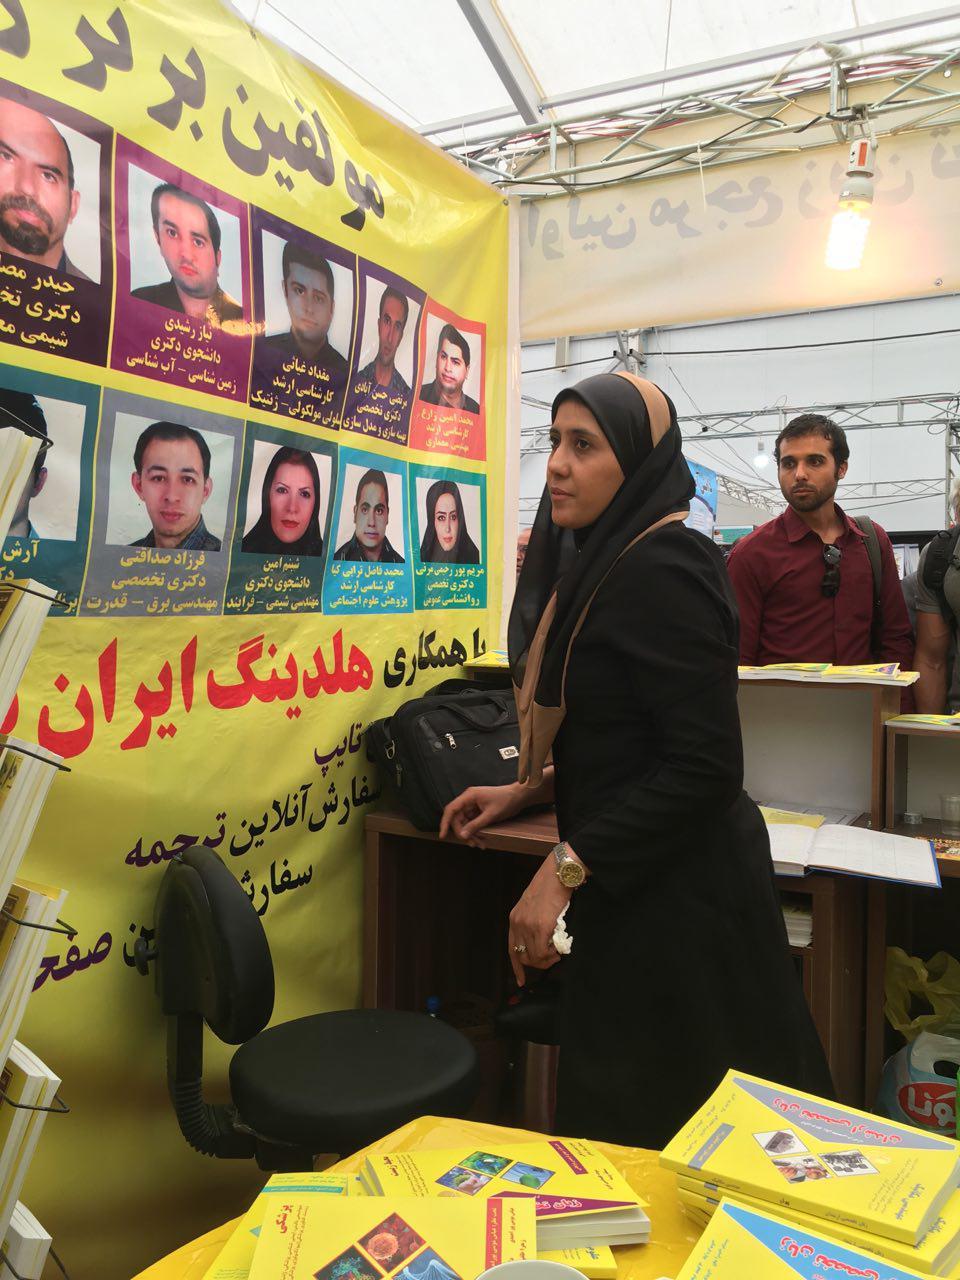 غرفه ویژه زبان تخصصی ارشدان/ پروژه دیکشنری مخصوص کاربران ایران تایپیست